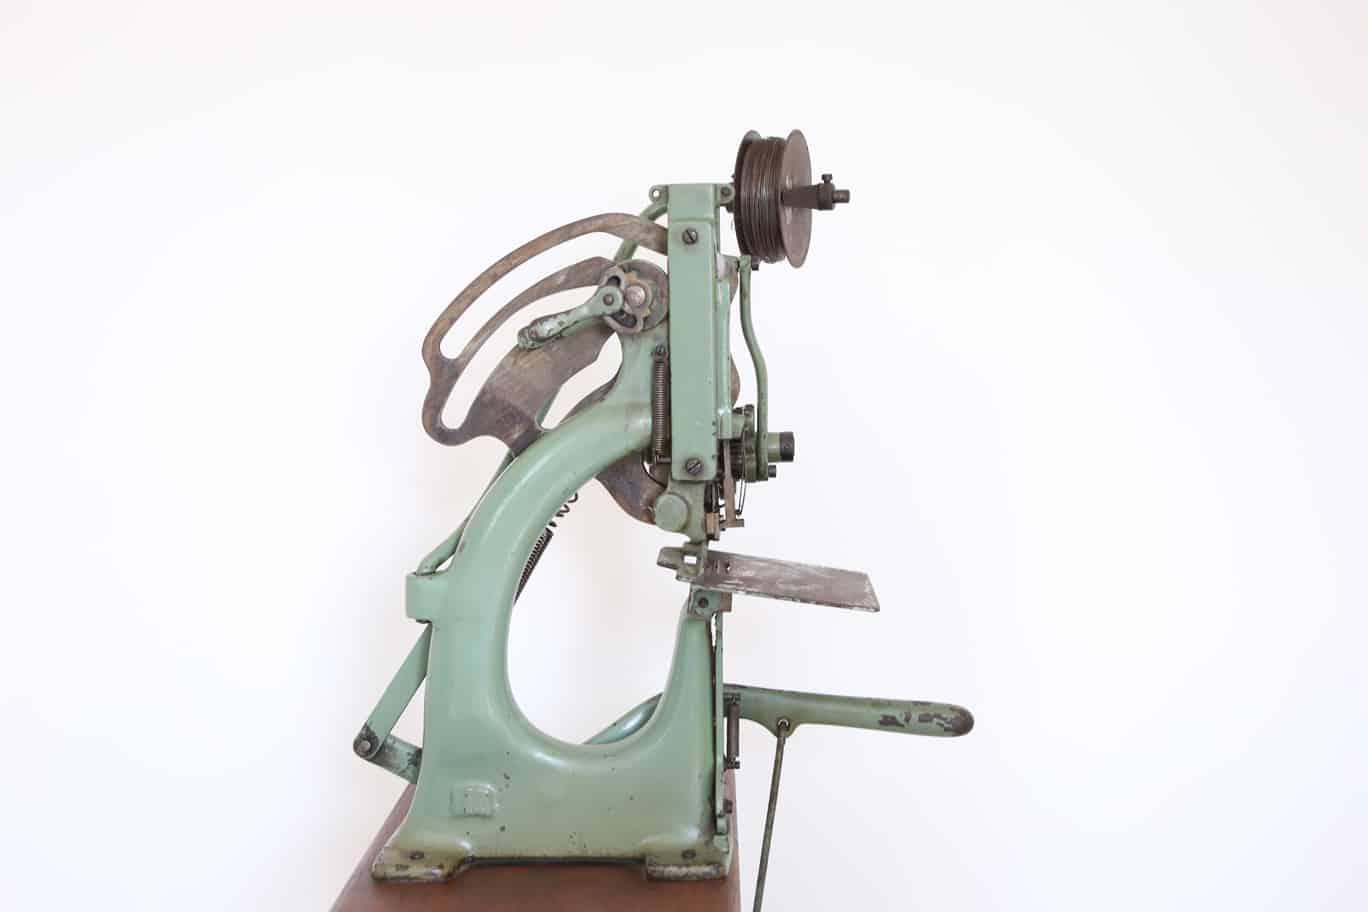 Macchina cucitrice a filo/punto metallico, vista laterale. Museo di Tipografia Unione.